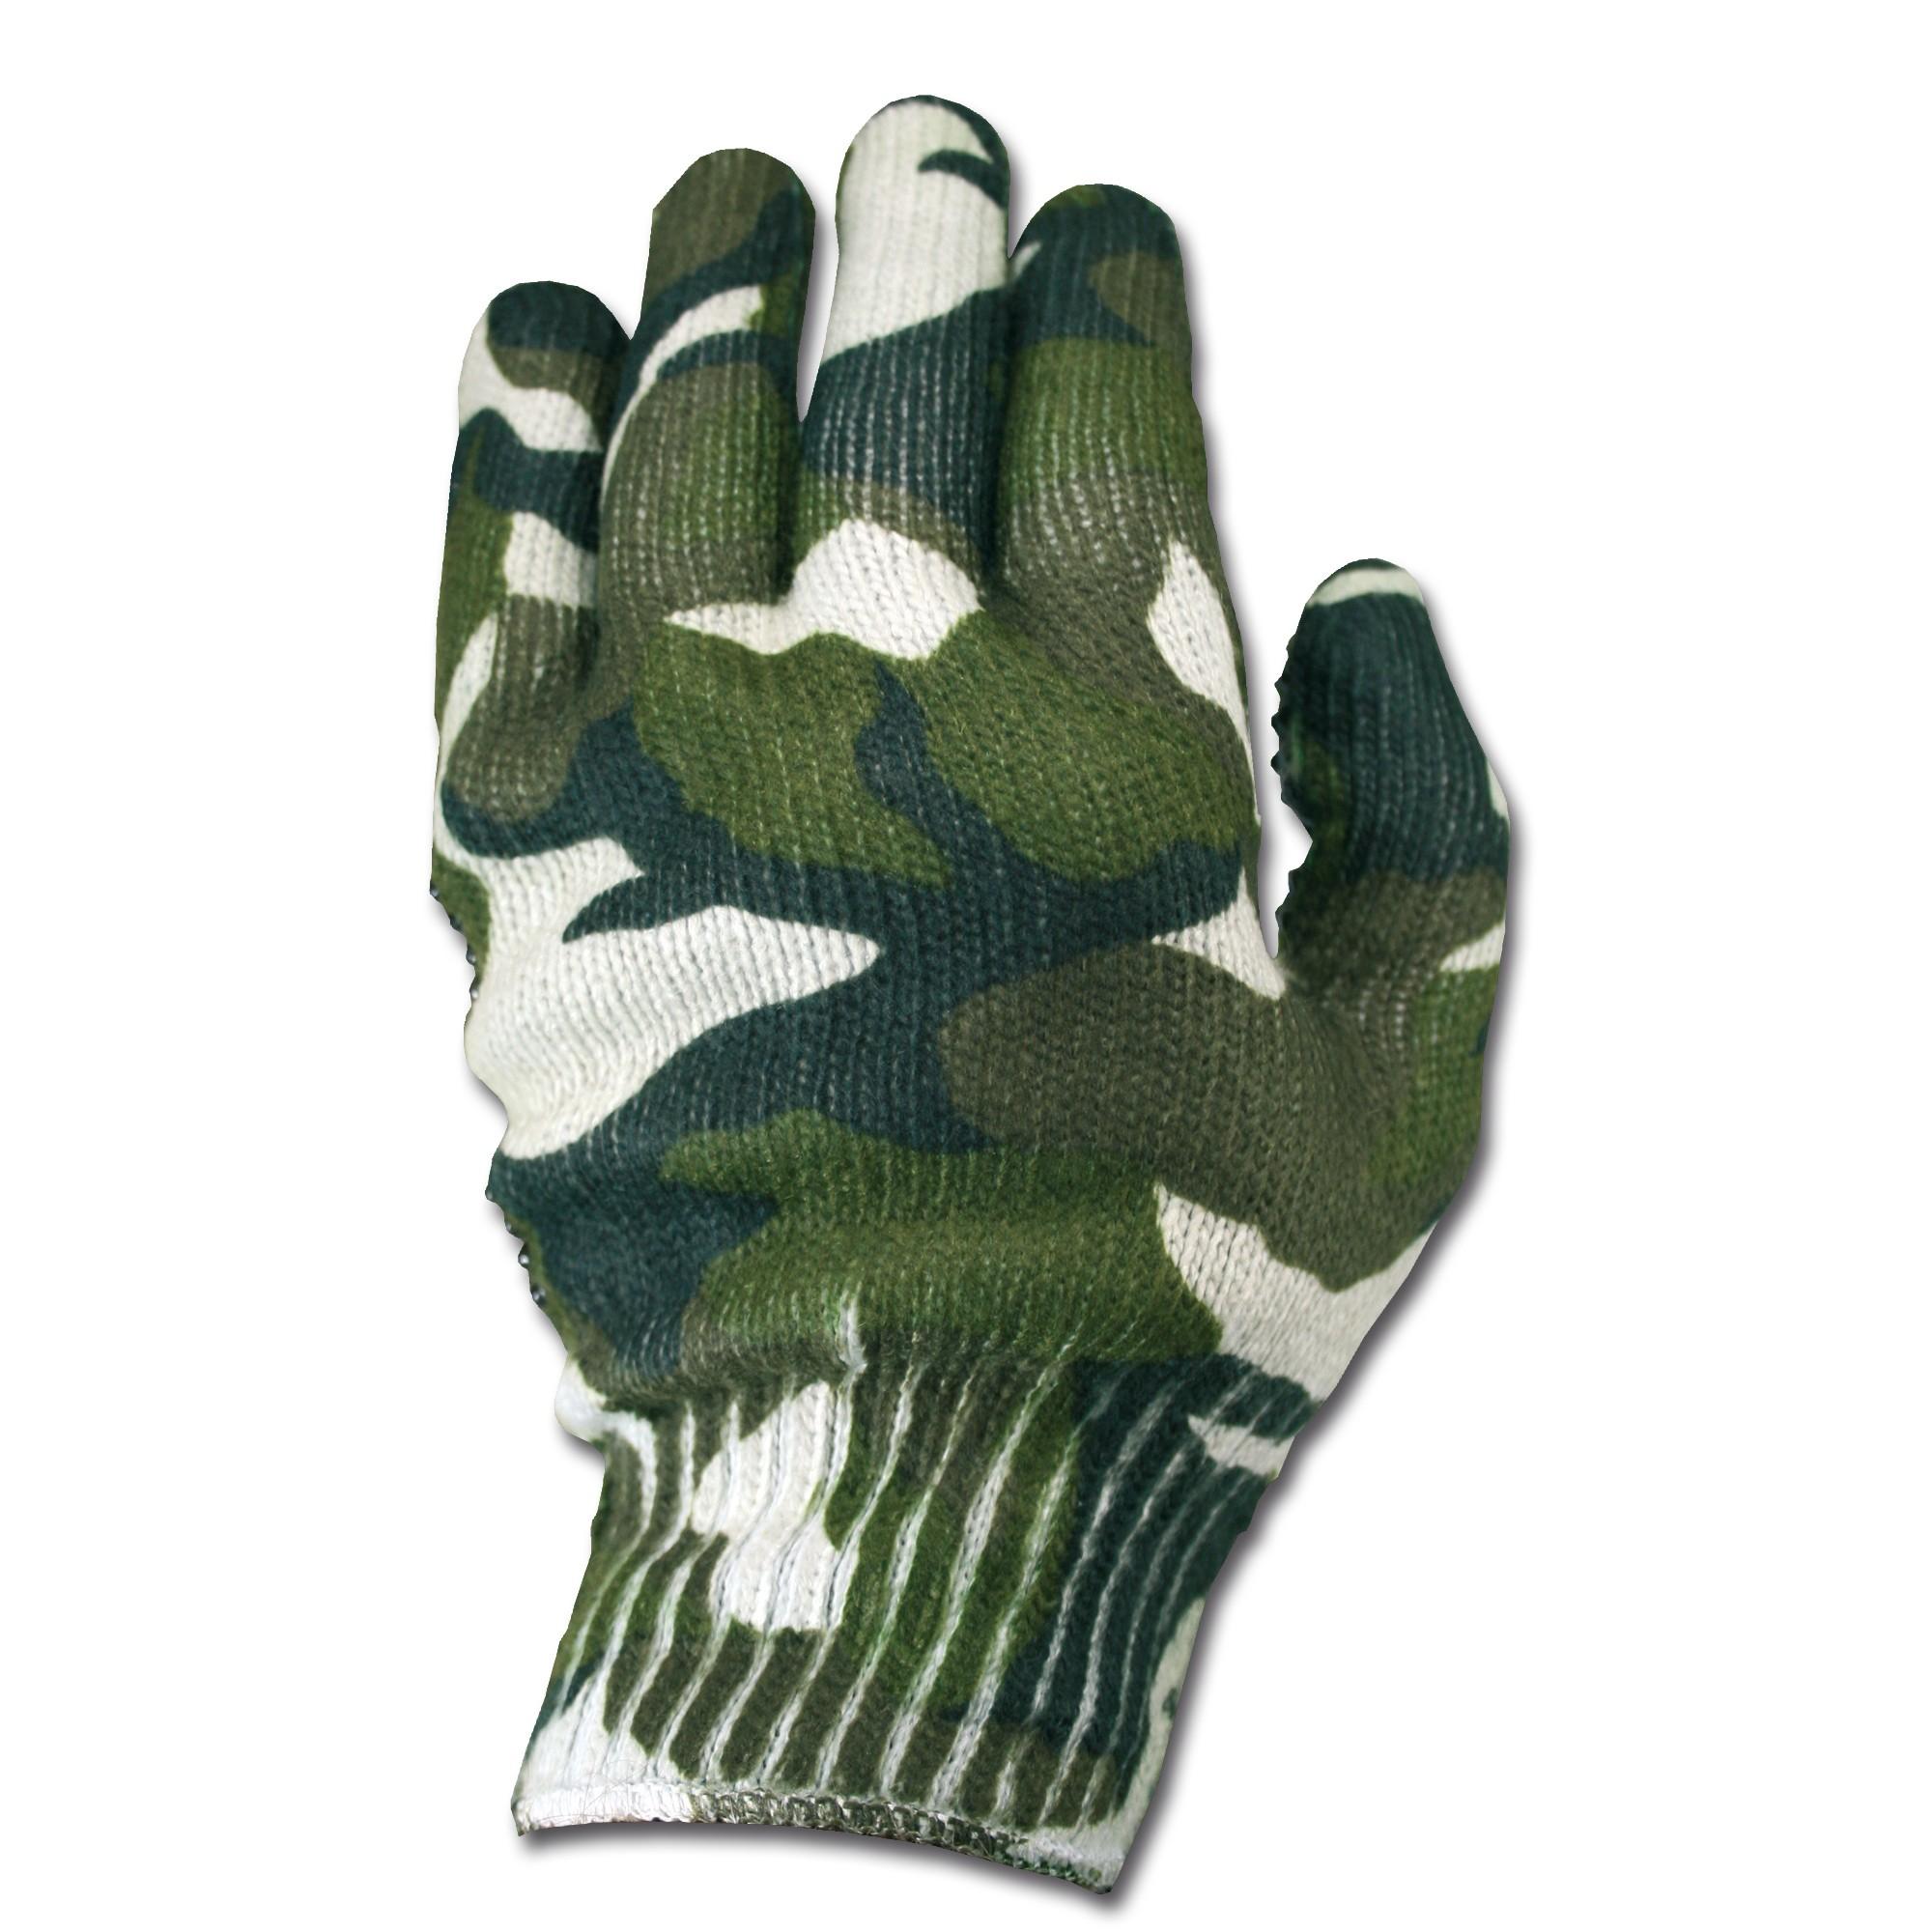 Handschuhe Spandoflage woodland